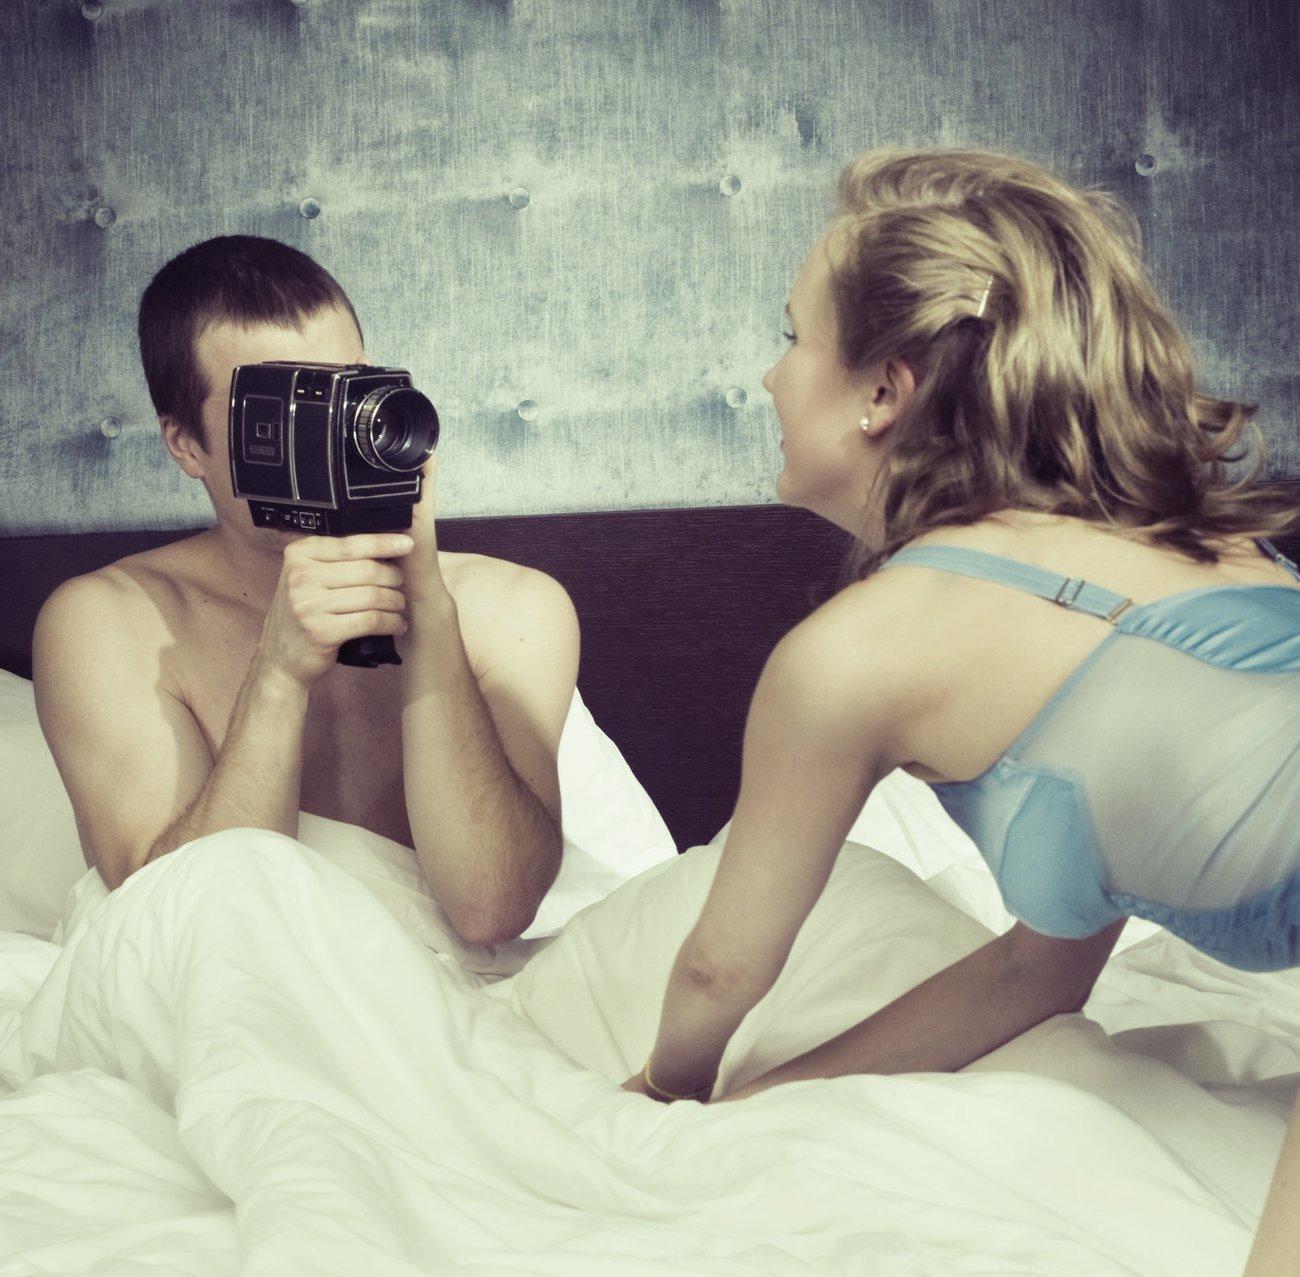 Mann filmt seine Frau